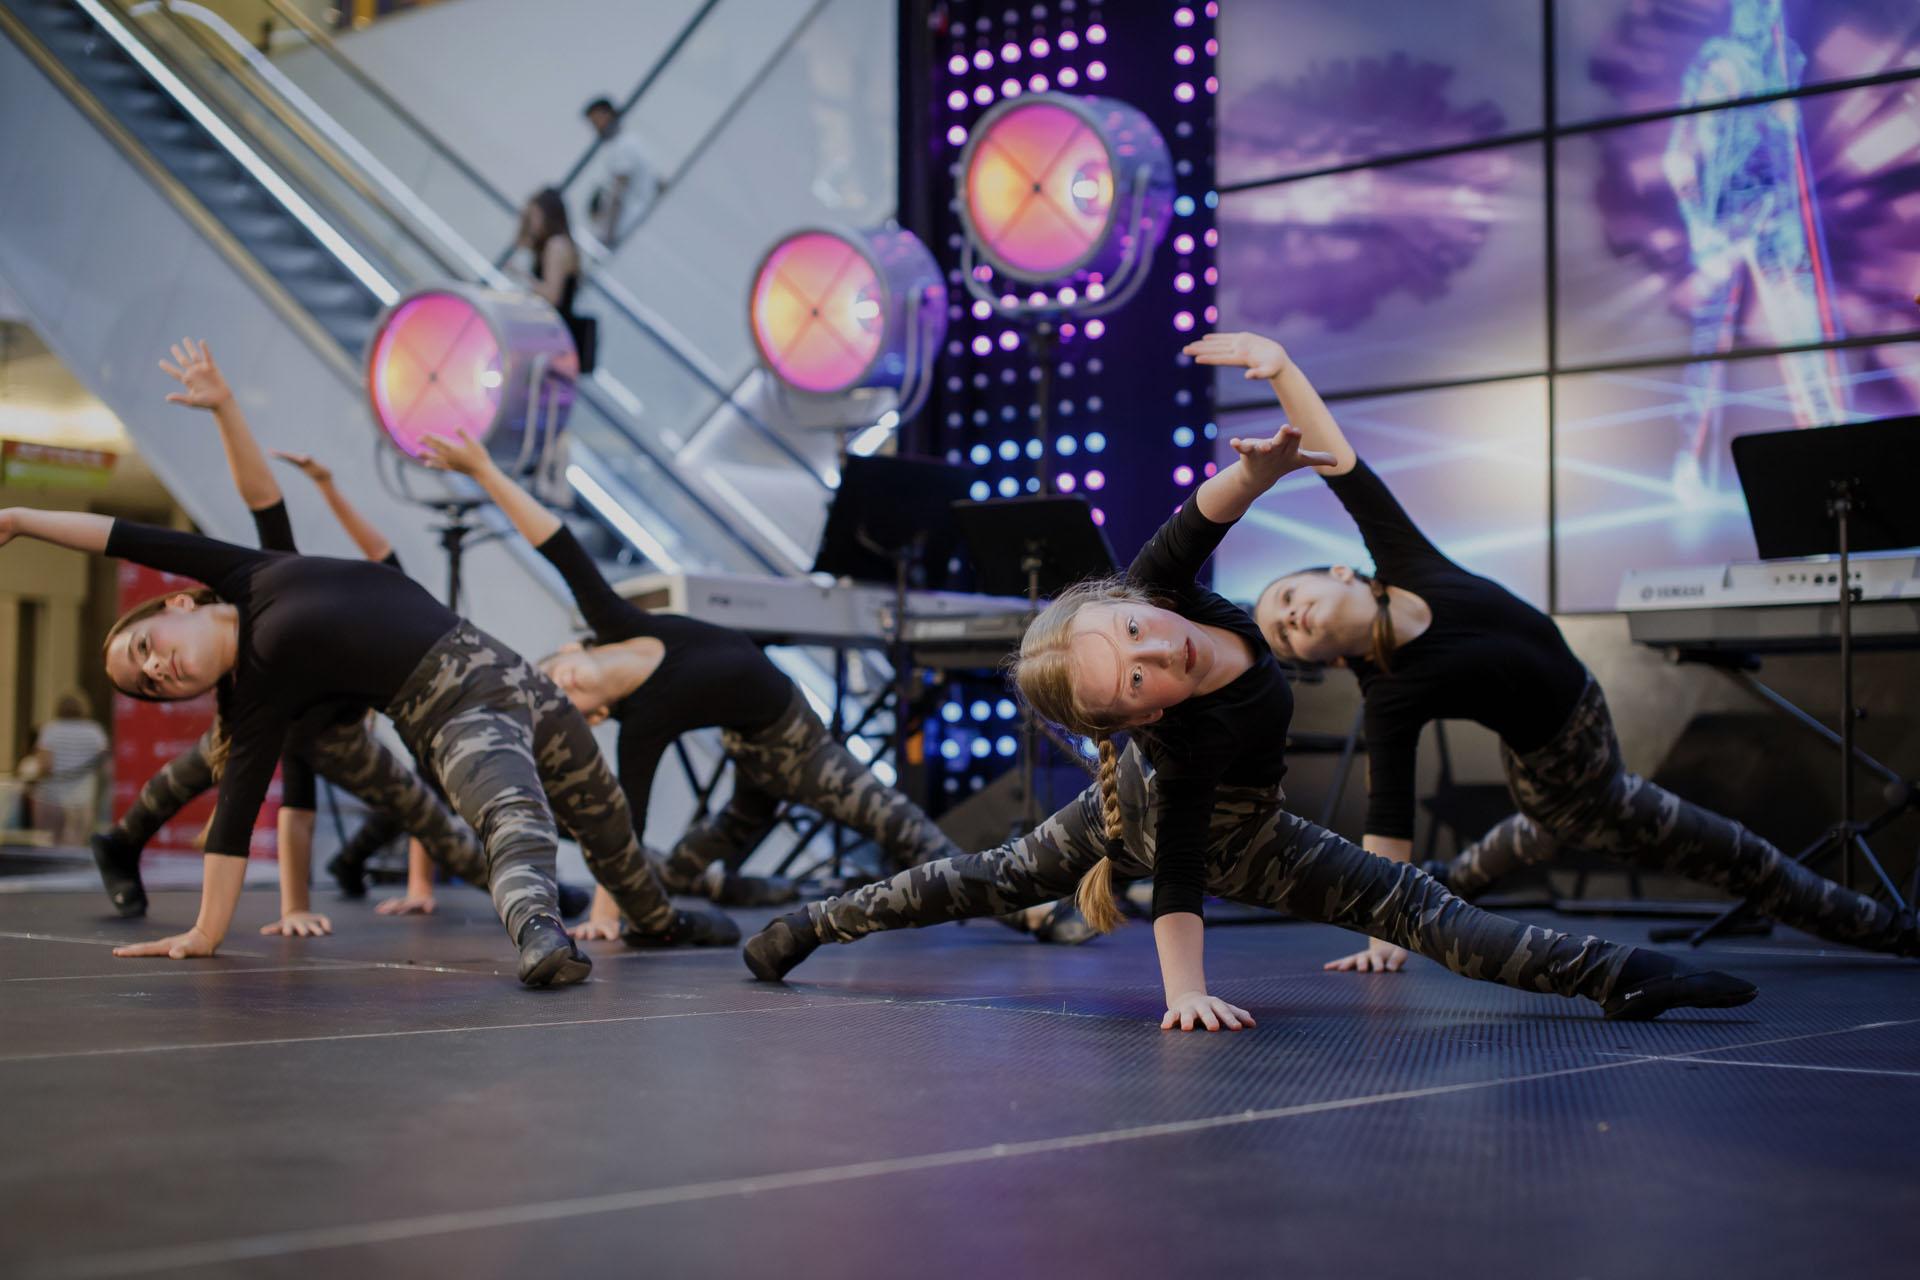 nauka tańca dla dzieci rzeszów szkoła tańca dla dzieci rzeszów zajęcia taneczne dla dzieci rzeszów